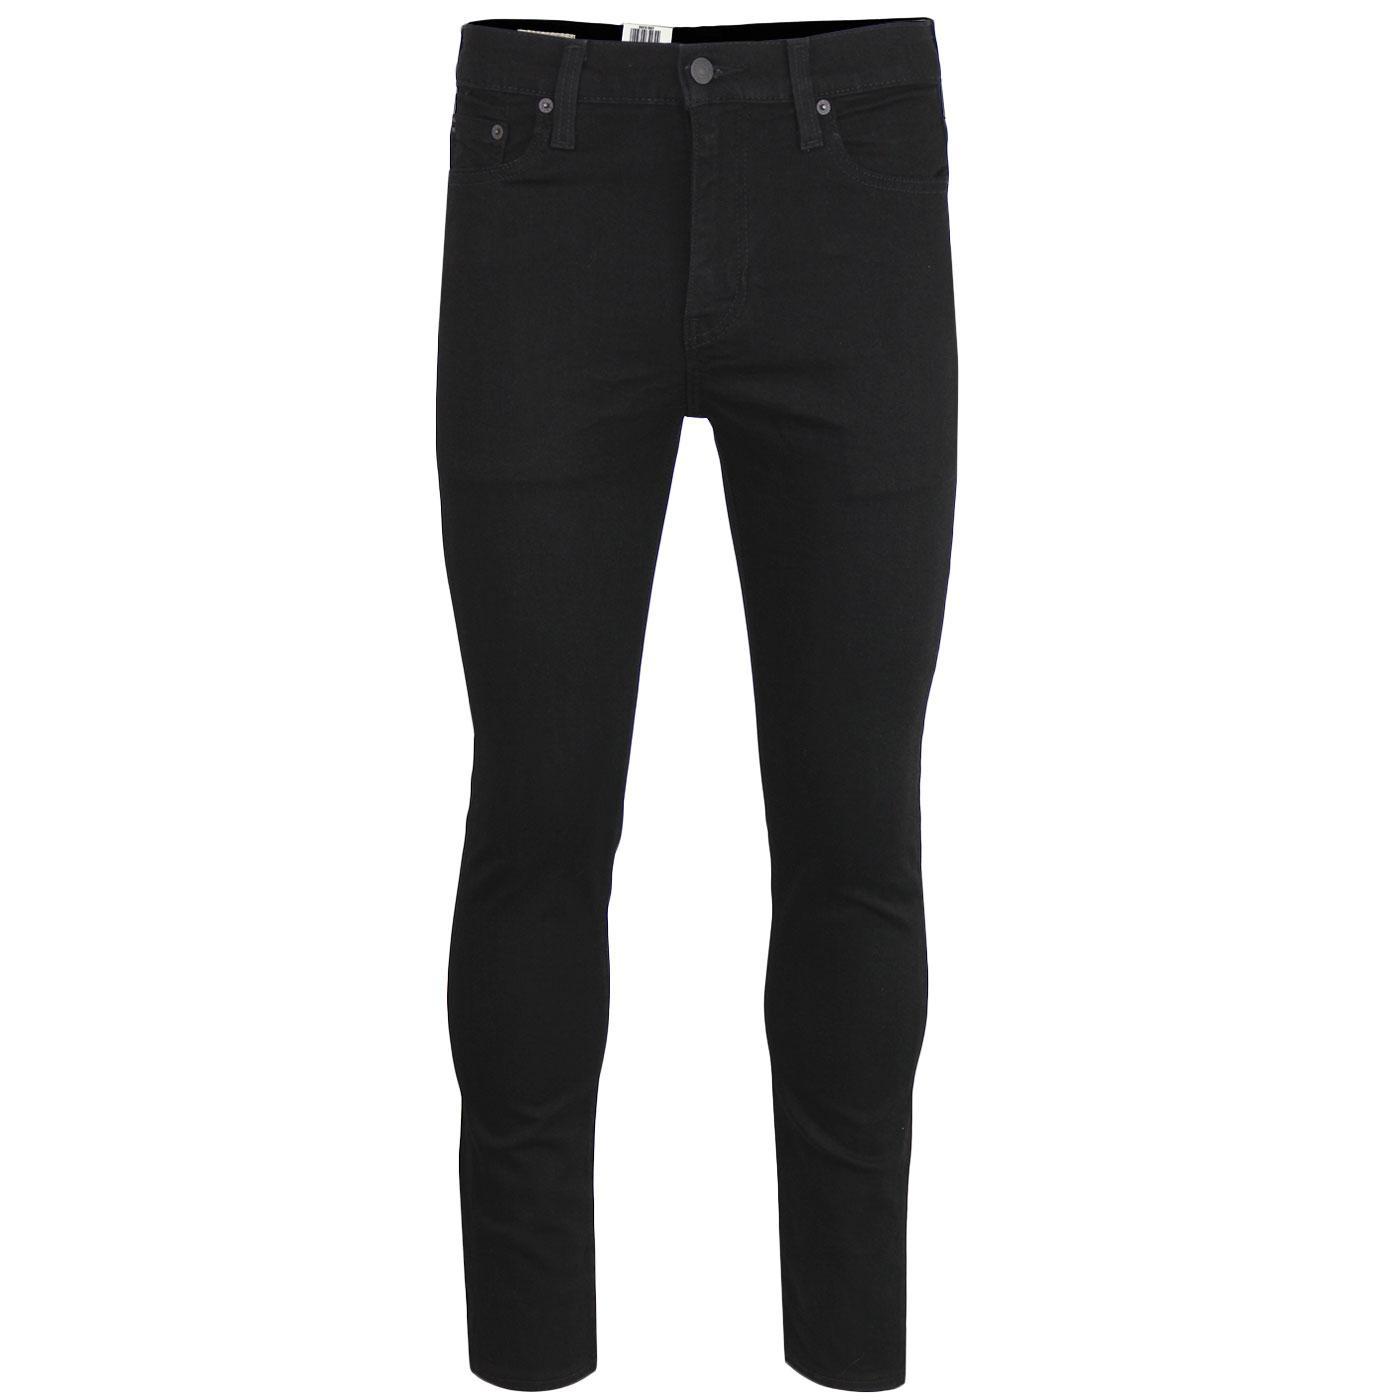 LEVI'S 510 Men's Retro Mod Skinny Jeans STYLO ADV.